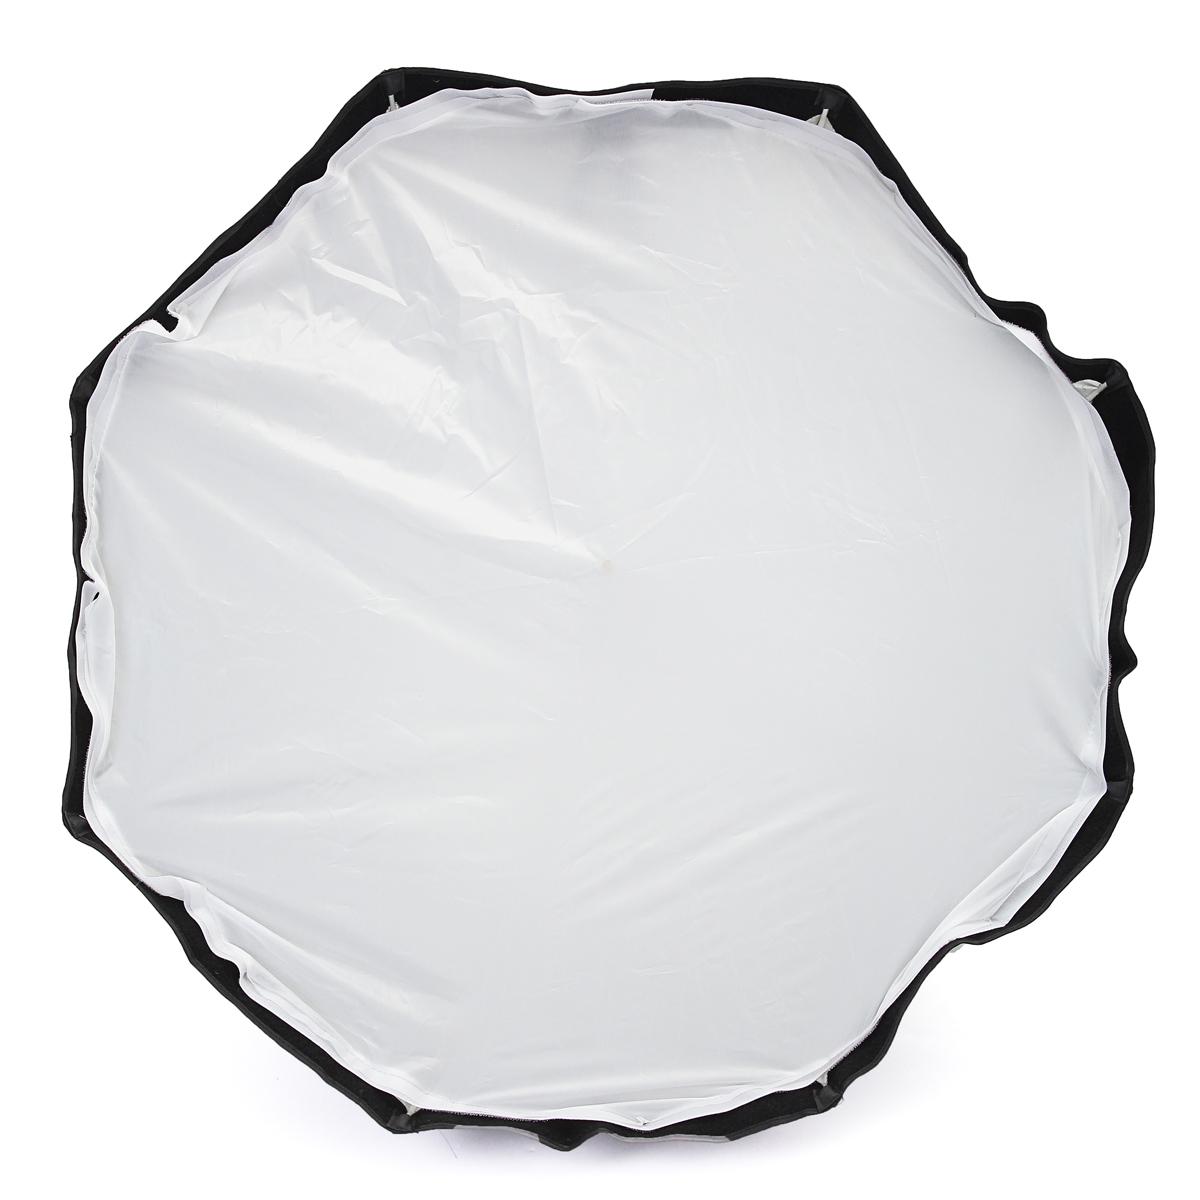 Octagonal Flash Honeycomb Grid Umbrella